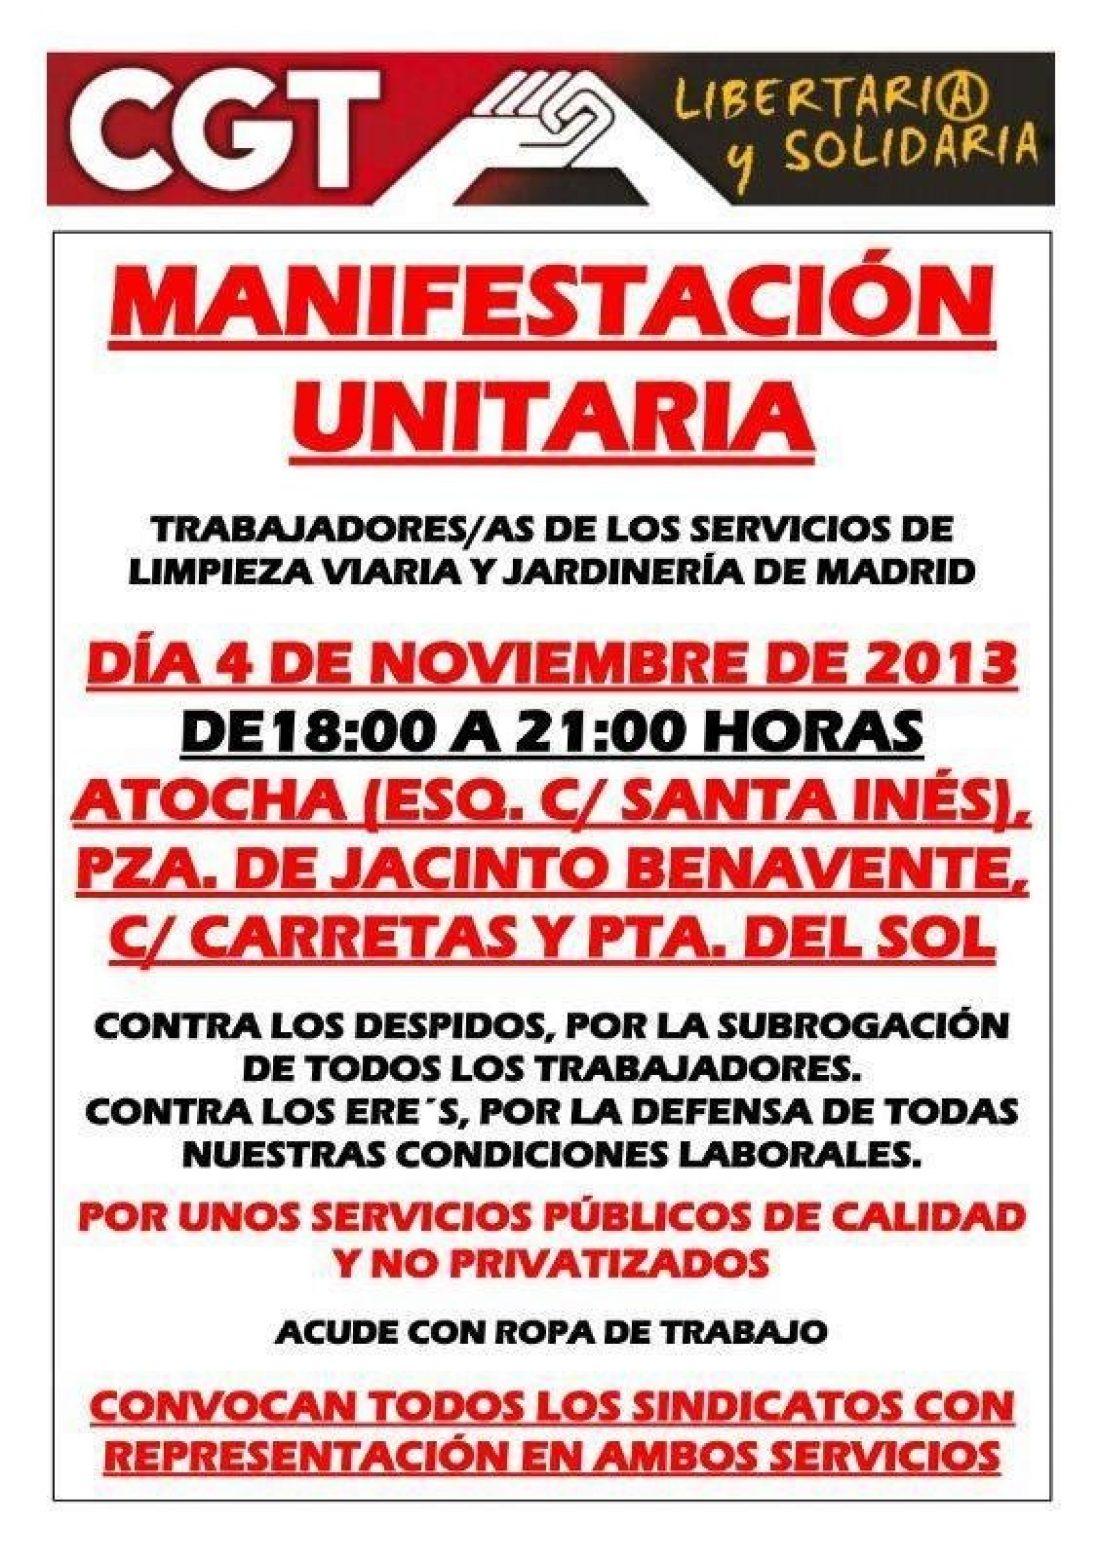 Manifestación unitaria trabajadores/as de los servicios de limpieza viaria y jardinería de Madrid